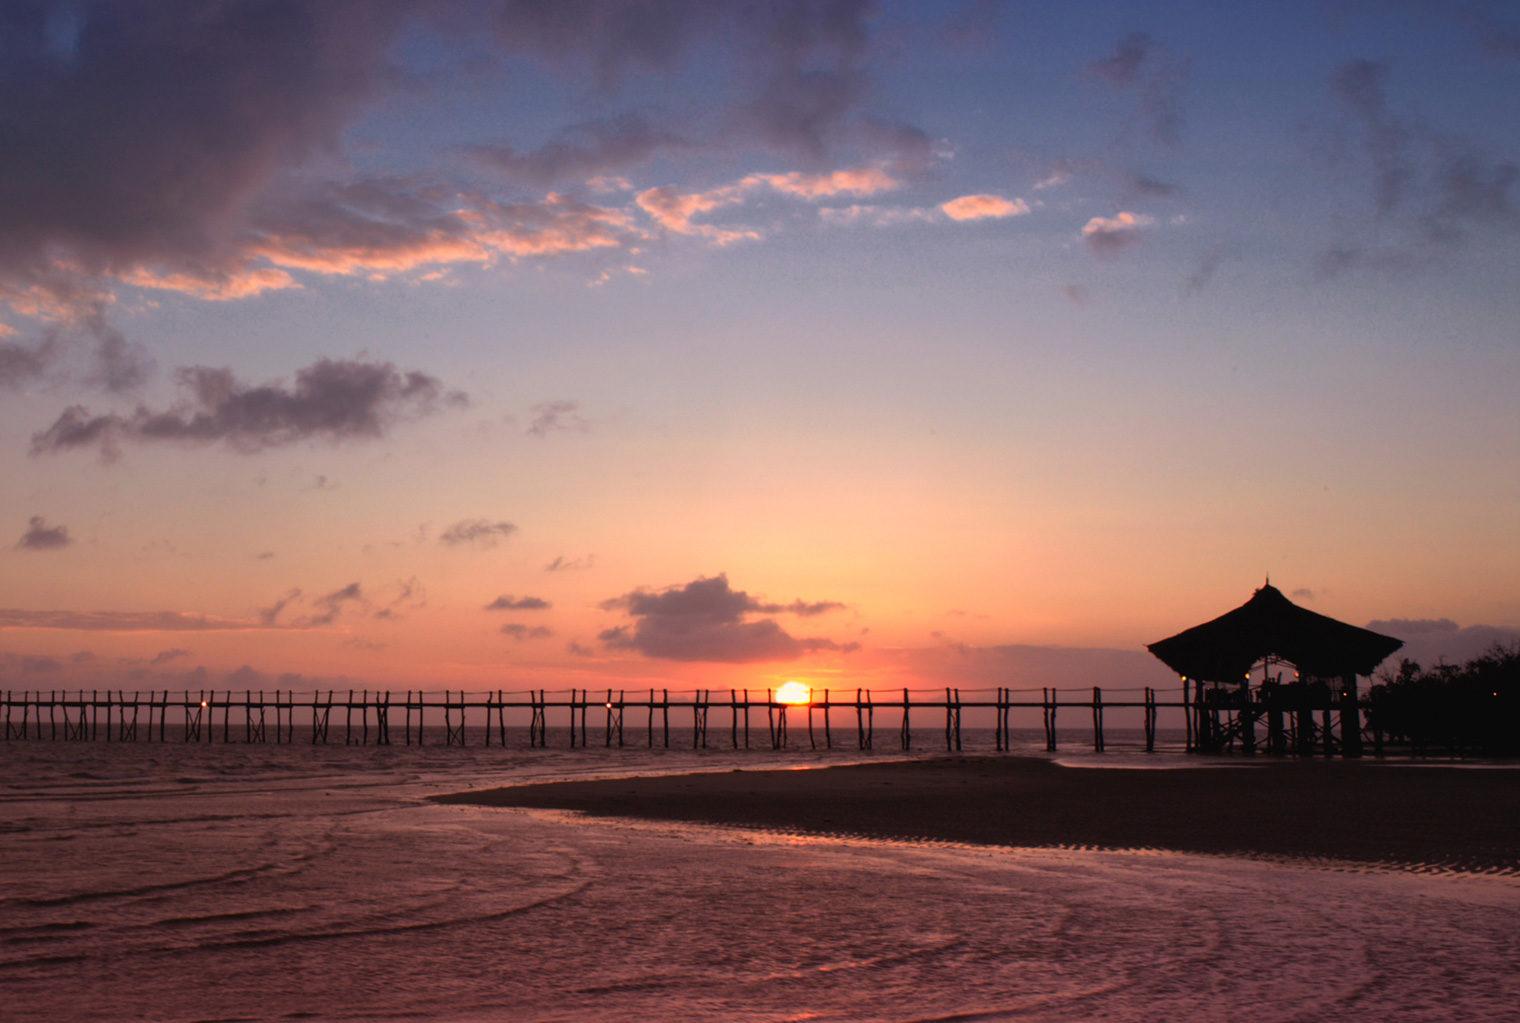 Fundu-Lagoon-Tanzania-Sunset-Jetty